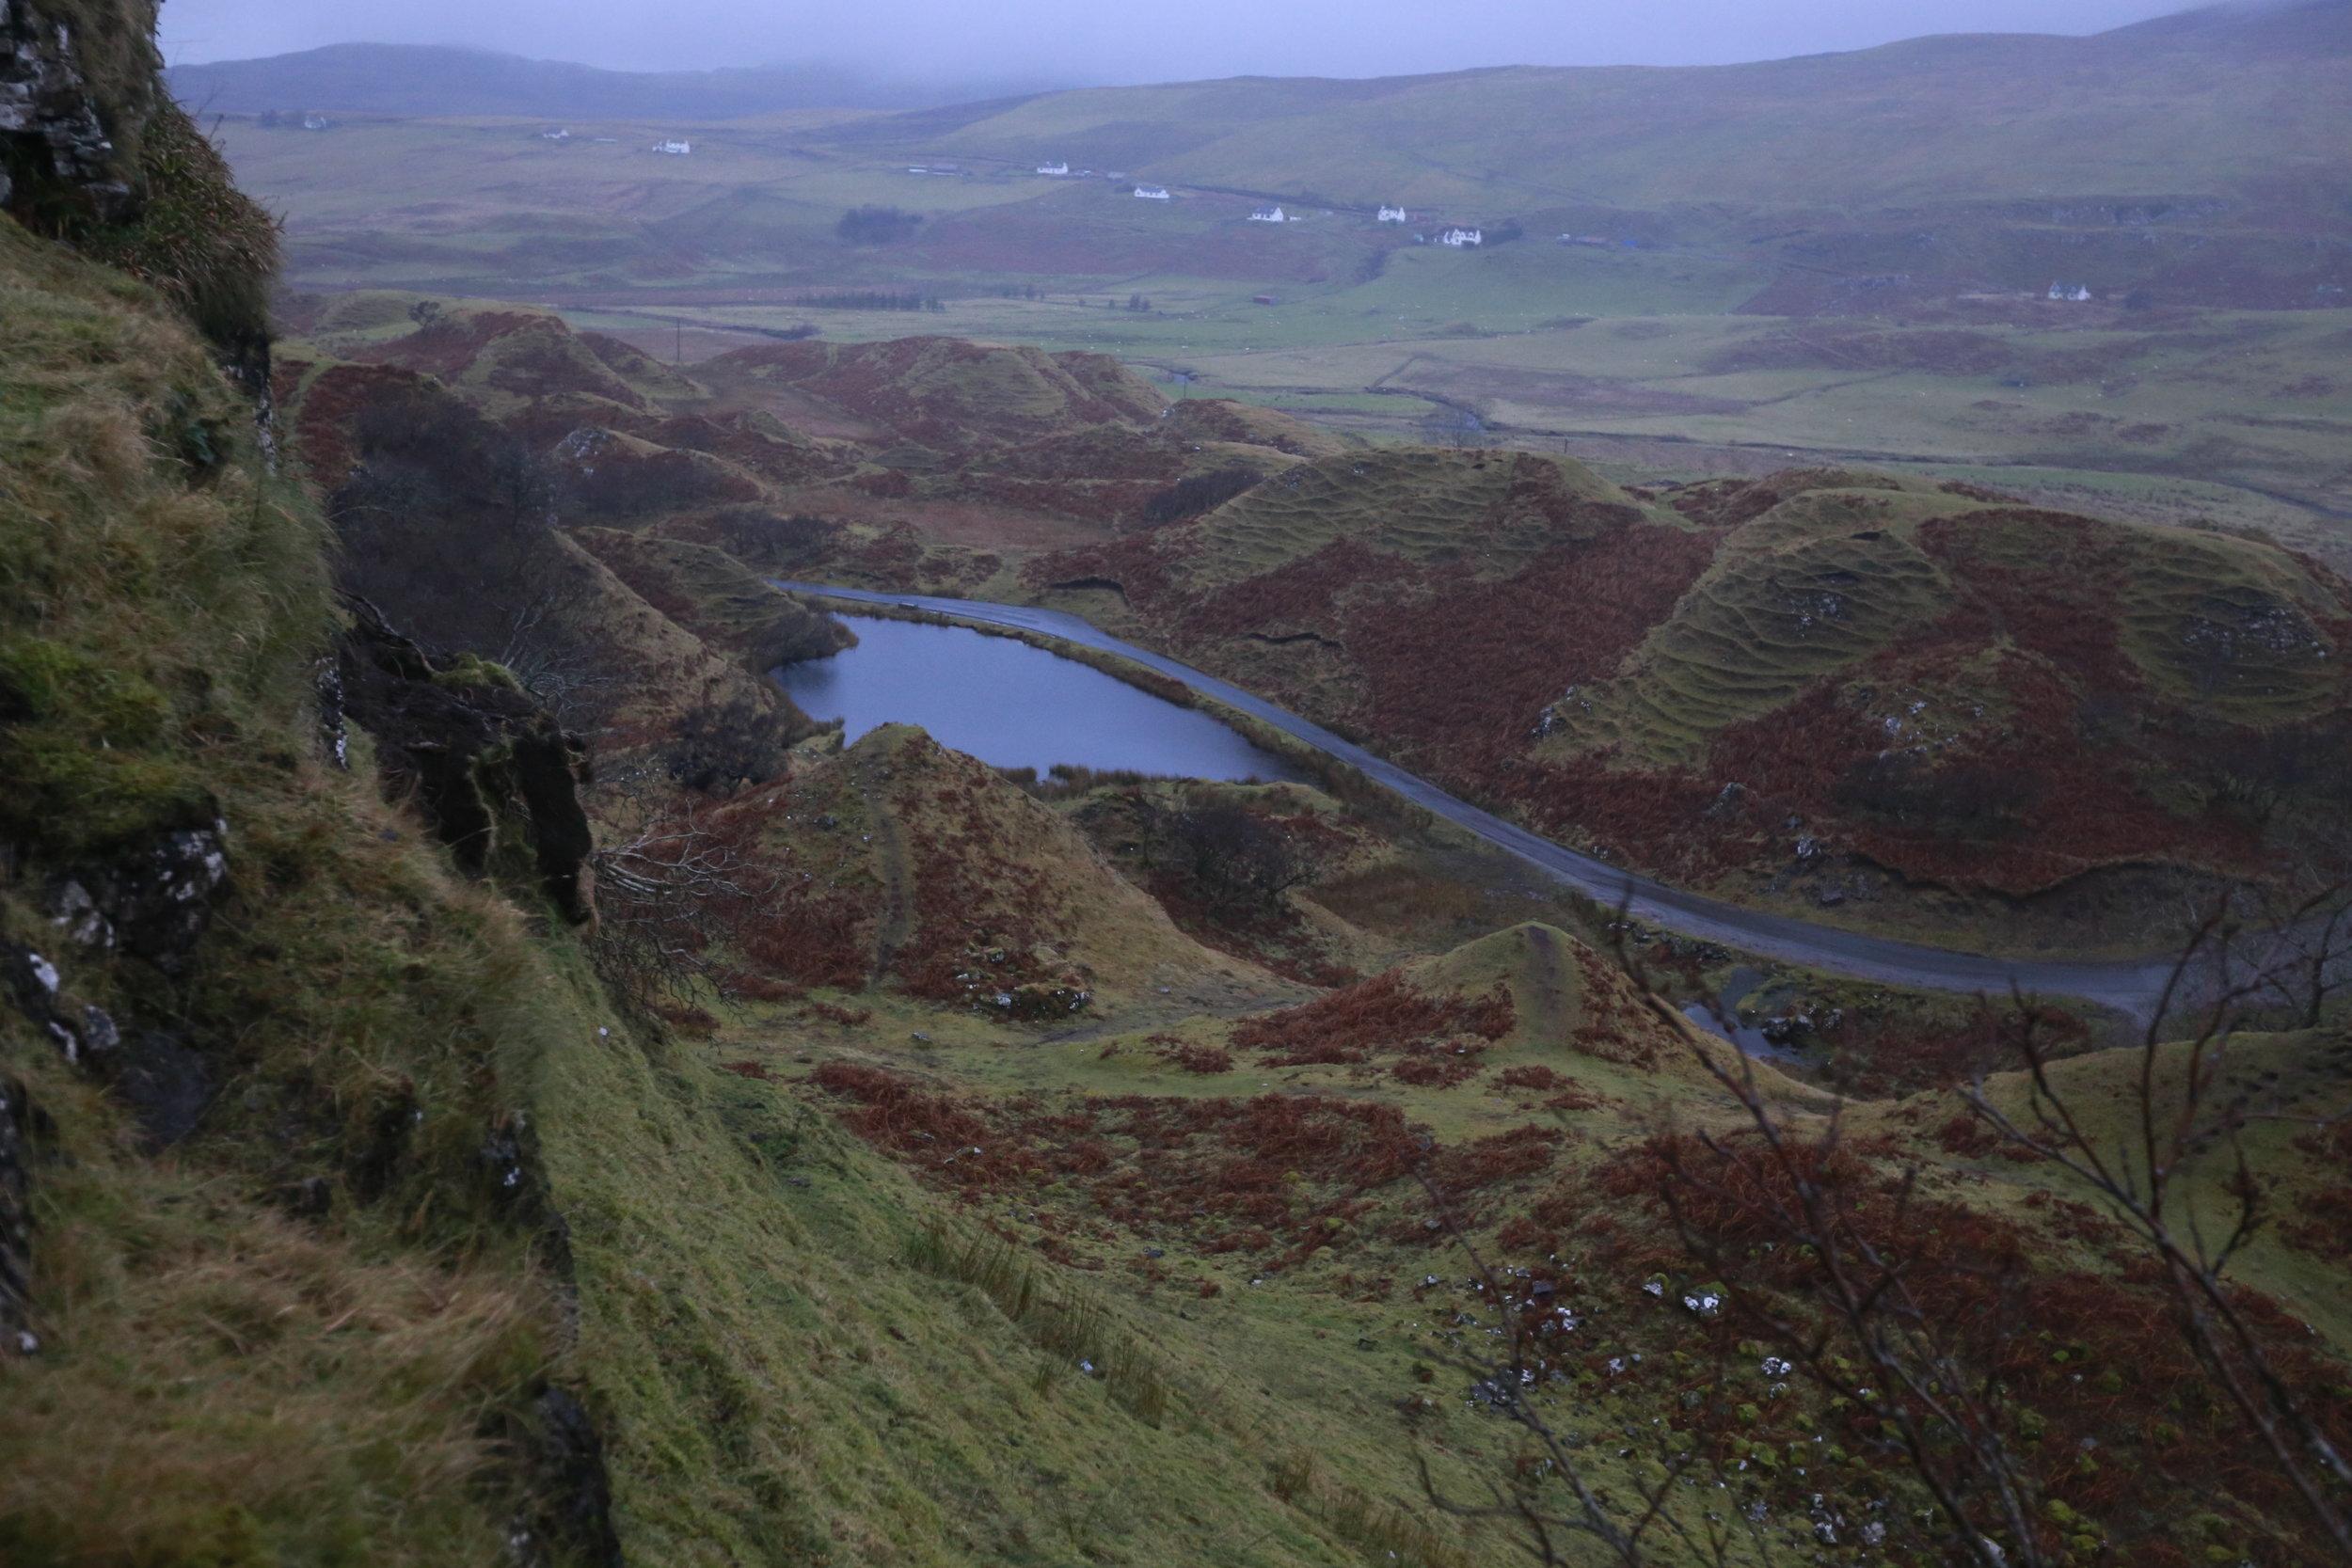 skye, isle of skye, scotland, highlands, bikepacking, bikepacking scotland, bicycle touring apocalypse, jack macgowan, explorer, travel, scottish highlands, surly, surly instigator, instigator, fairy, fairy glen, bicycle touring, cycle touring, bike tour, travel blog, cycling blog, scotland